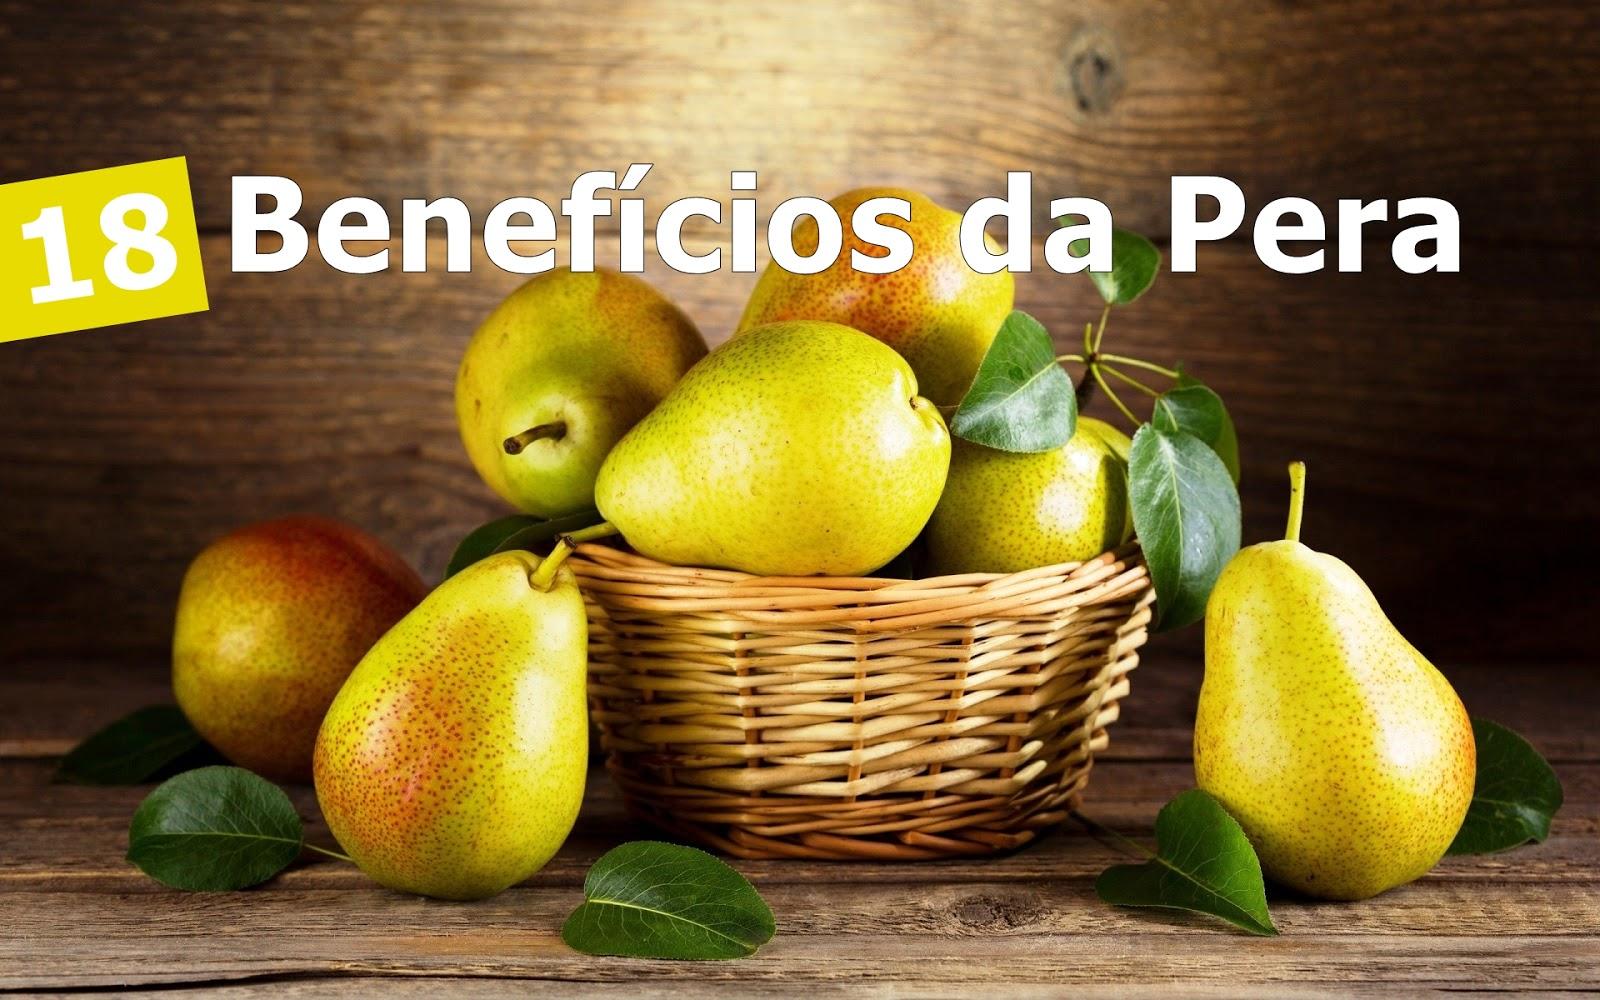 18 benefícios da pera para a saúde e seu valor nutritivo